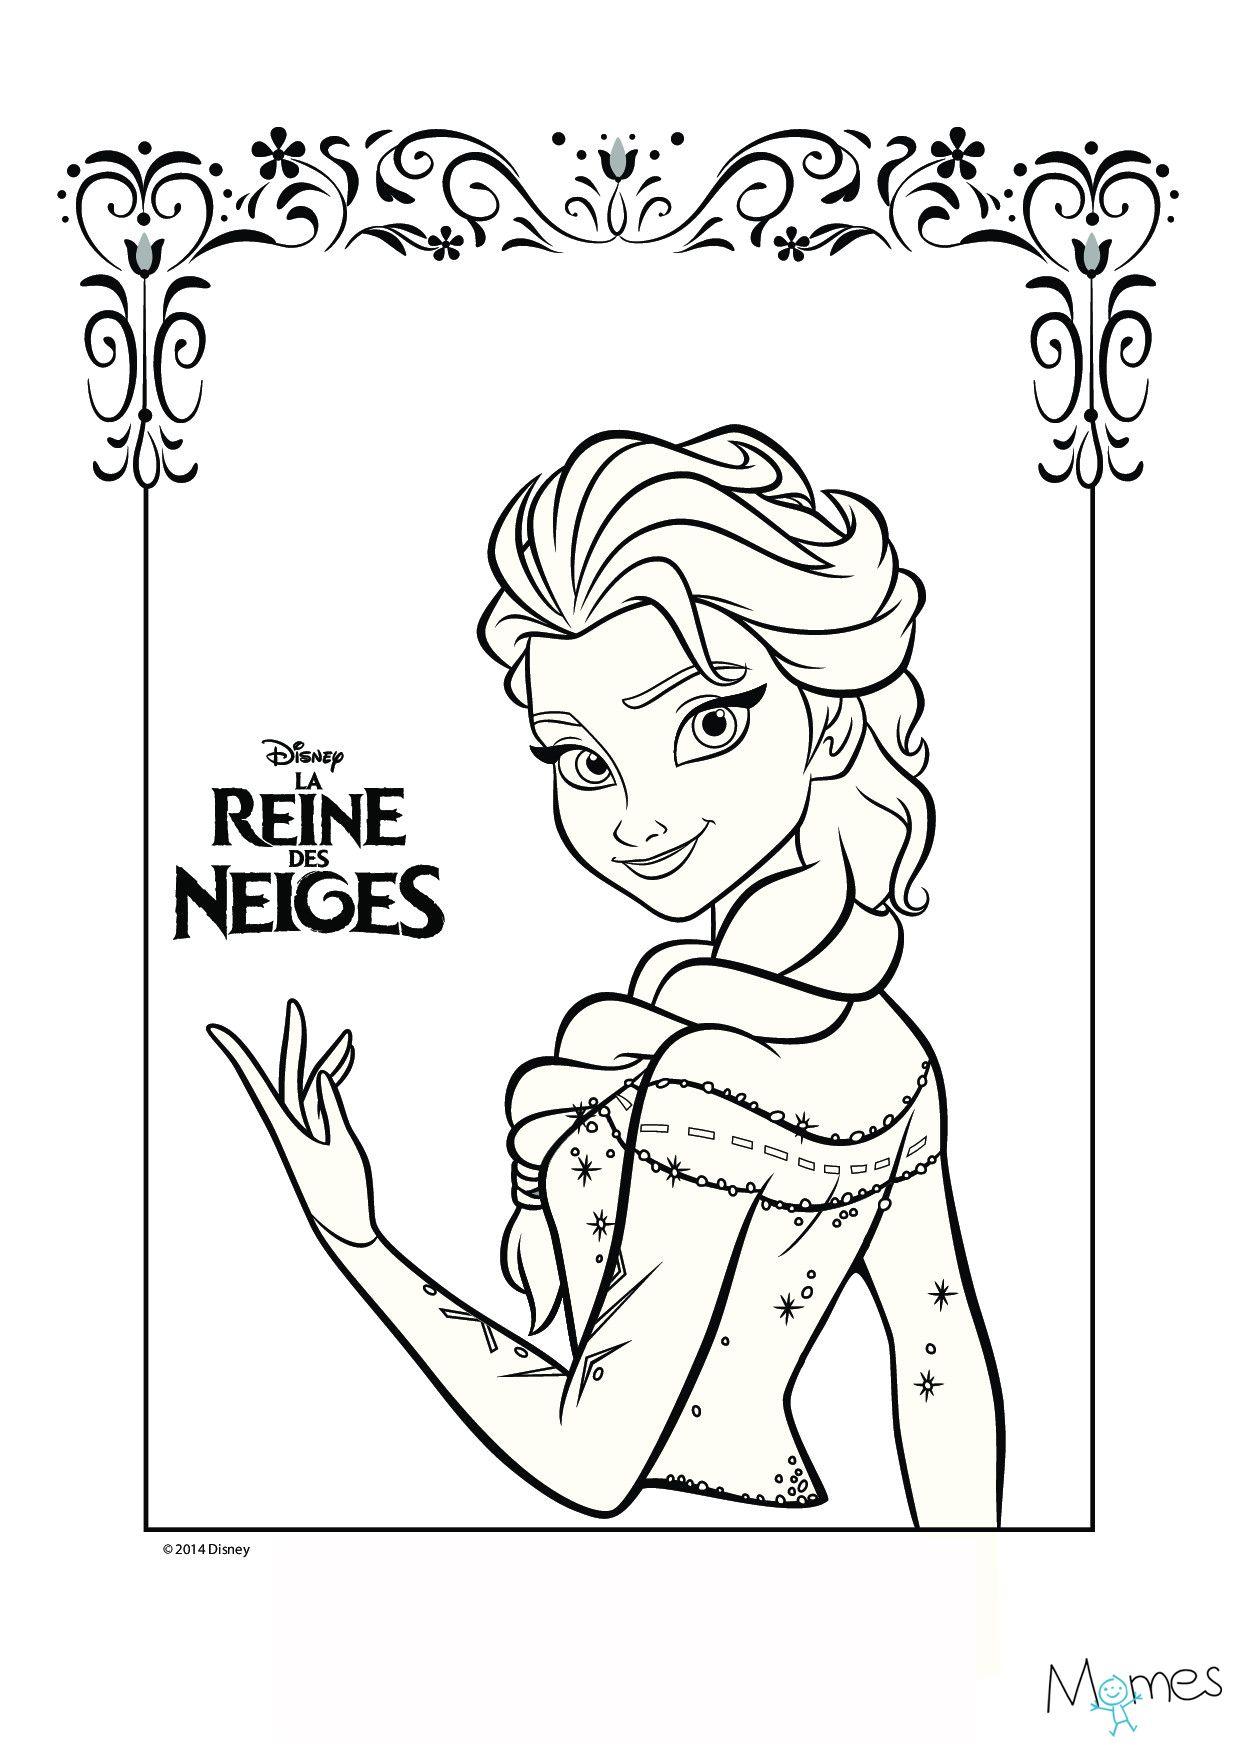 Coloriage Reine Des Neiges : Portrait D'elsa | Coloriage concernant Reine Des Neiges Dessin À Colorier